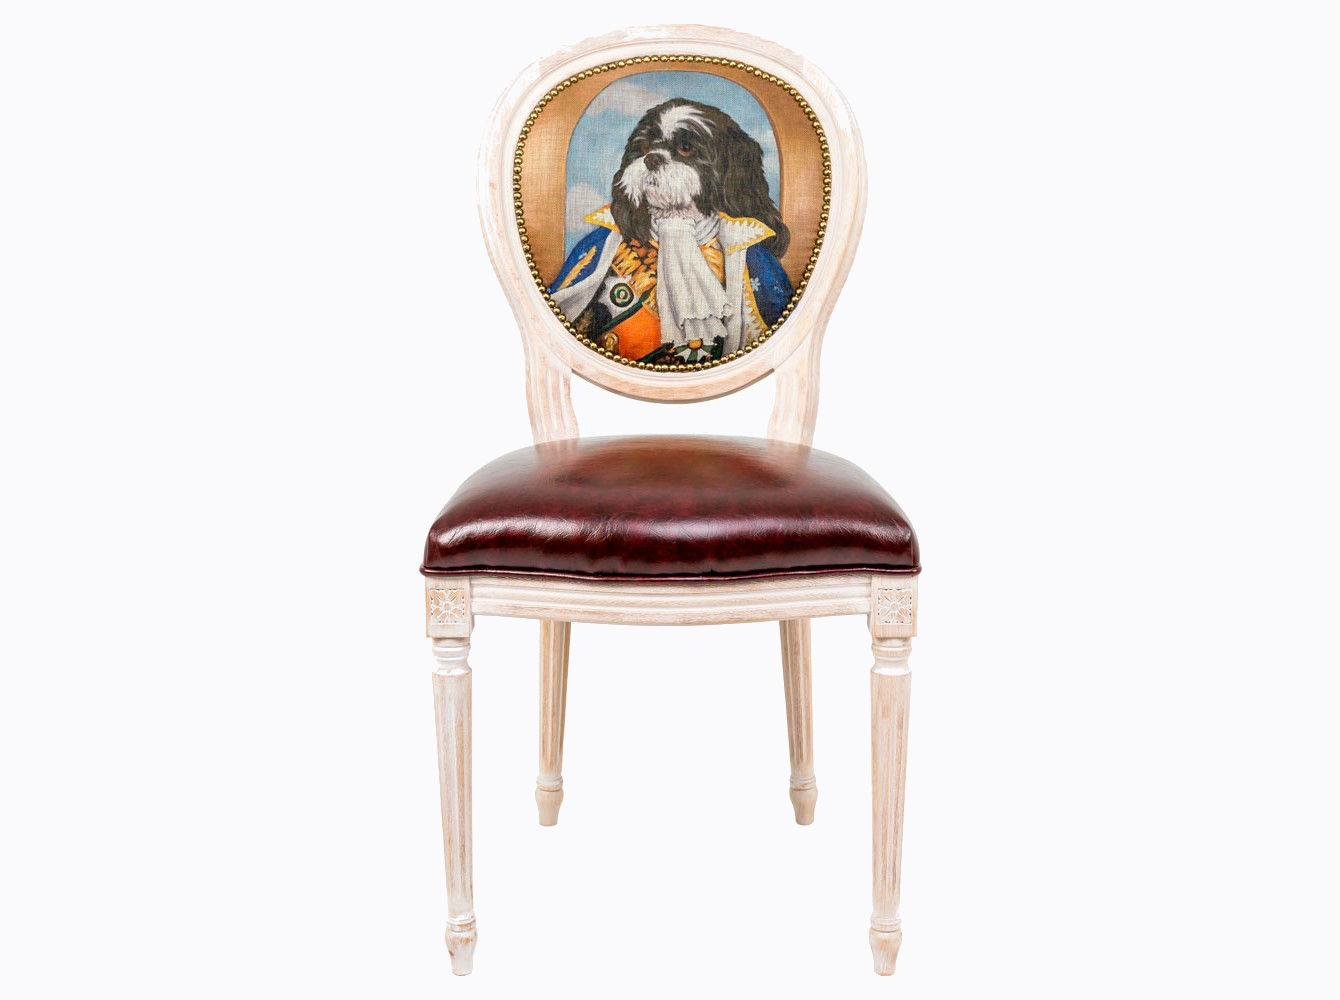 Стул «Музейный экспонат», версия 37Обеденные стулья<br>Стул &amp;quot;Музейный экспонат&amp;quot; - универсальное, но отборное решение гостиной и столовой, каминного зала, холла и кабинета, спальни и детской комнаты.<br>В угоду моде &amp;quot;шебби-шик&amp;quot;, благородная фактура натурального дерева подчеркнута рукописной патиной. Штрихи старины обладают специфическим обаянием и теплом.<br>Корпус стула изготовлен из натурального бука. Среди европейских пород бук считается самым прочным и долговечным материалом. По эксклюзивному дизайну &amp;quot;Объекта мечты&amp;quot; корпусы стульев серии &amp;quot;Музейный экспонат&amp;quot; выточены, брашированы и патинированы в Италии.<br>Комфортабельность, прочность и долговечность сиденья обеспечены подвеской из эластичных ремней.<br>Обивка спинки оснащена тефлоновым покрытием против пятен.<br>Не упустите возможность обладания уникальной дизайнерской мебелью. Коллекция &amp;quot;Музейный экспонат&amp;quot; выпущена лимитированными экземплярами.<br>&amp;lt;div&amp;gt;&amp;lt;br&amp;gt;&amp;lt;/div&amp;gt;&amp;lt;div&amp;gt;Каркас - натуральное дерево бука, обивка сиденья и оборотной стороны спинки - эко-кожа, обивка спинки: 29% лен, 9 % хлопок, 72% полиэстер.&amp;lt;br&amp;gt;&amp;lt;/div&amp;gt;<br><br>Material: Дерево<br>Ширина см: 55<br>Высота см: 95<br>Глубина см: 50